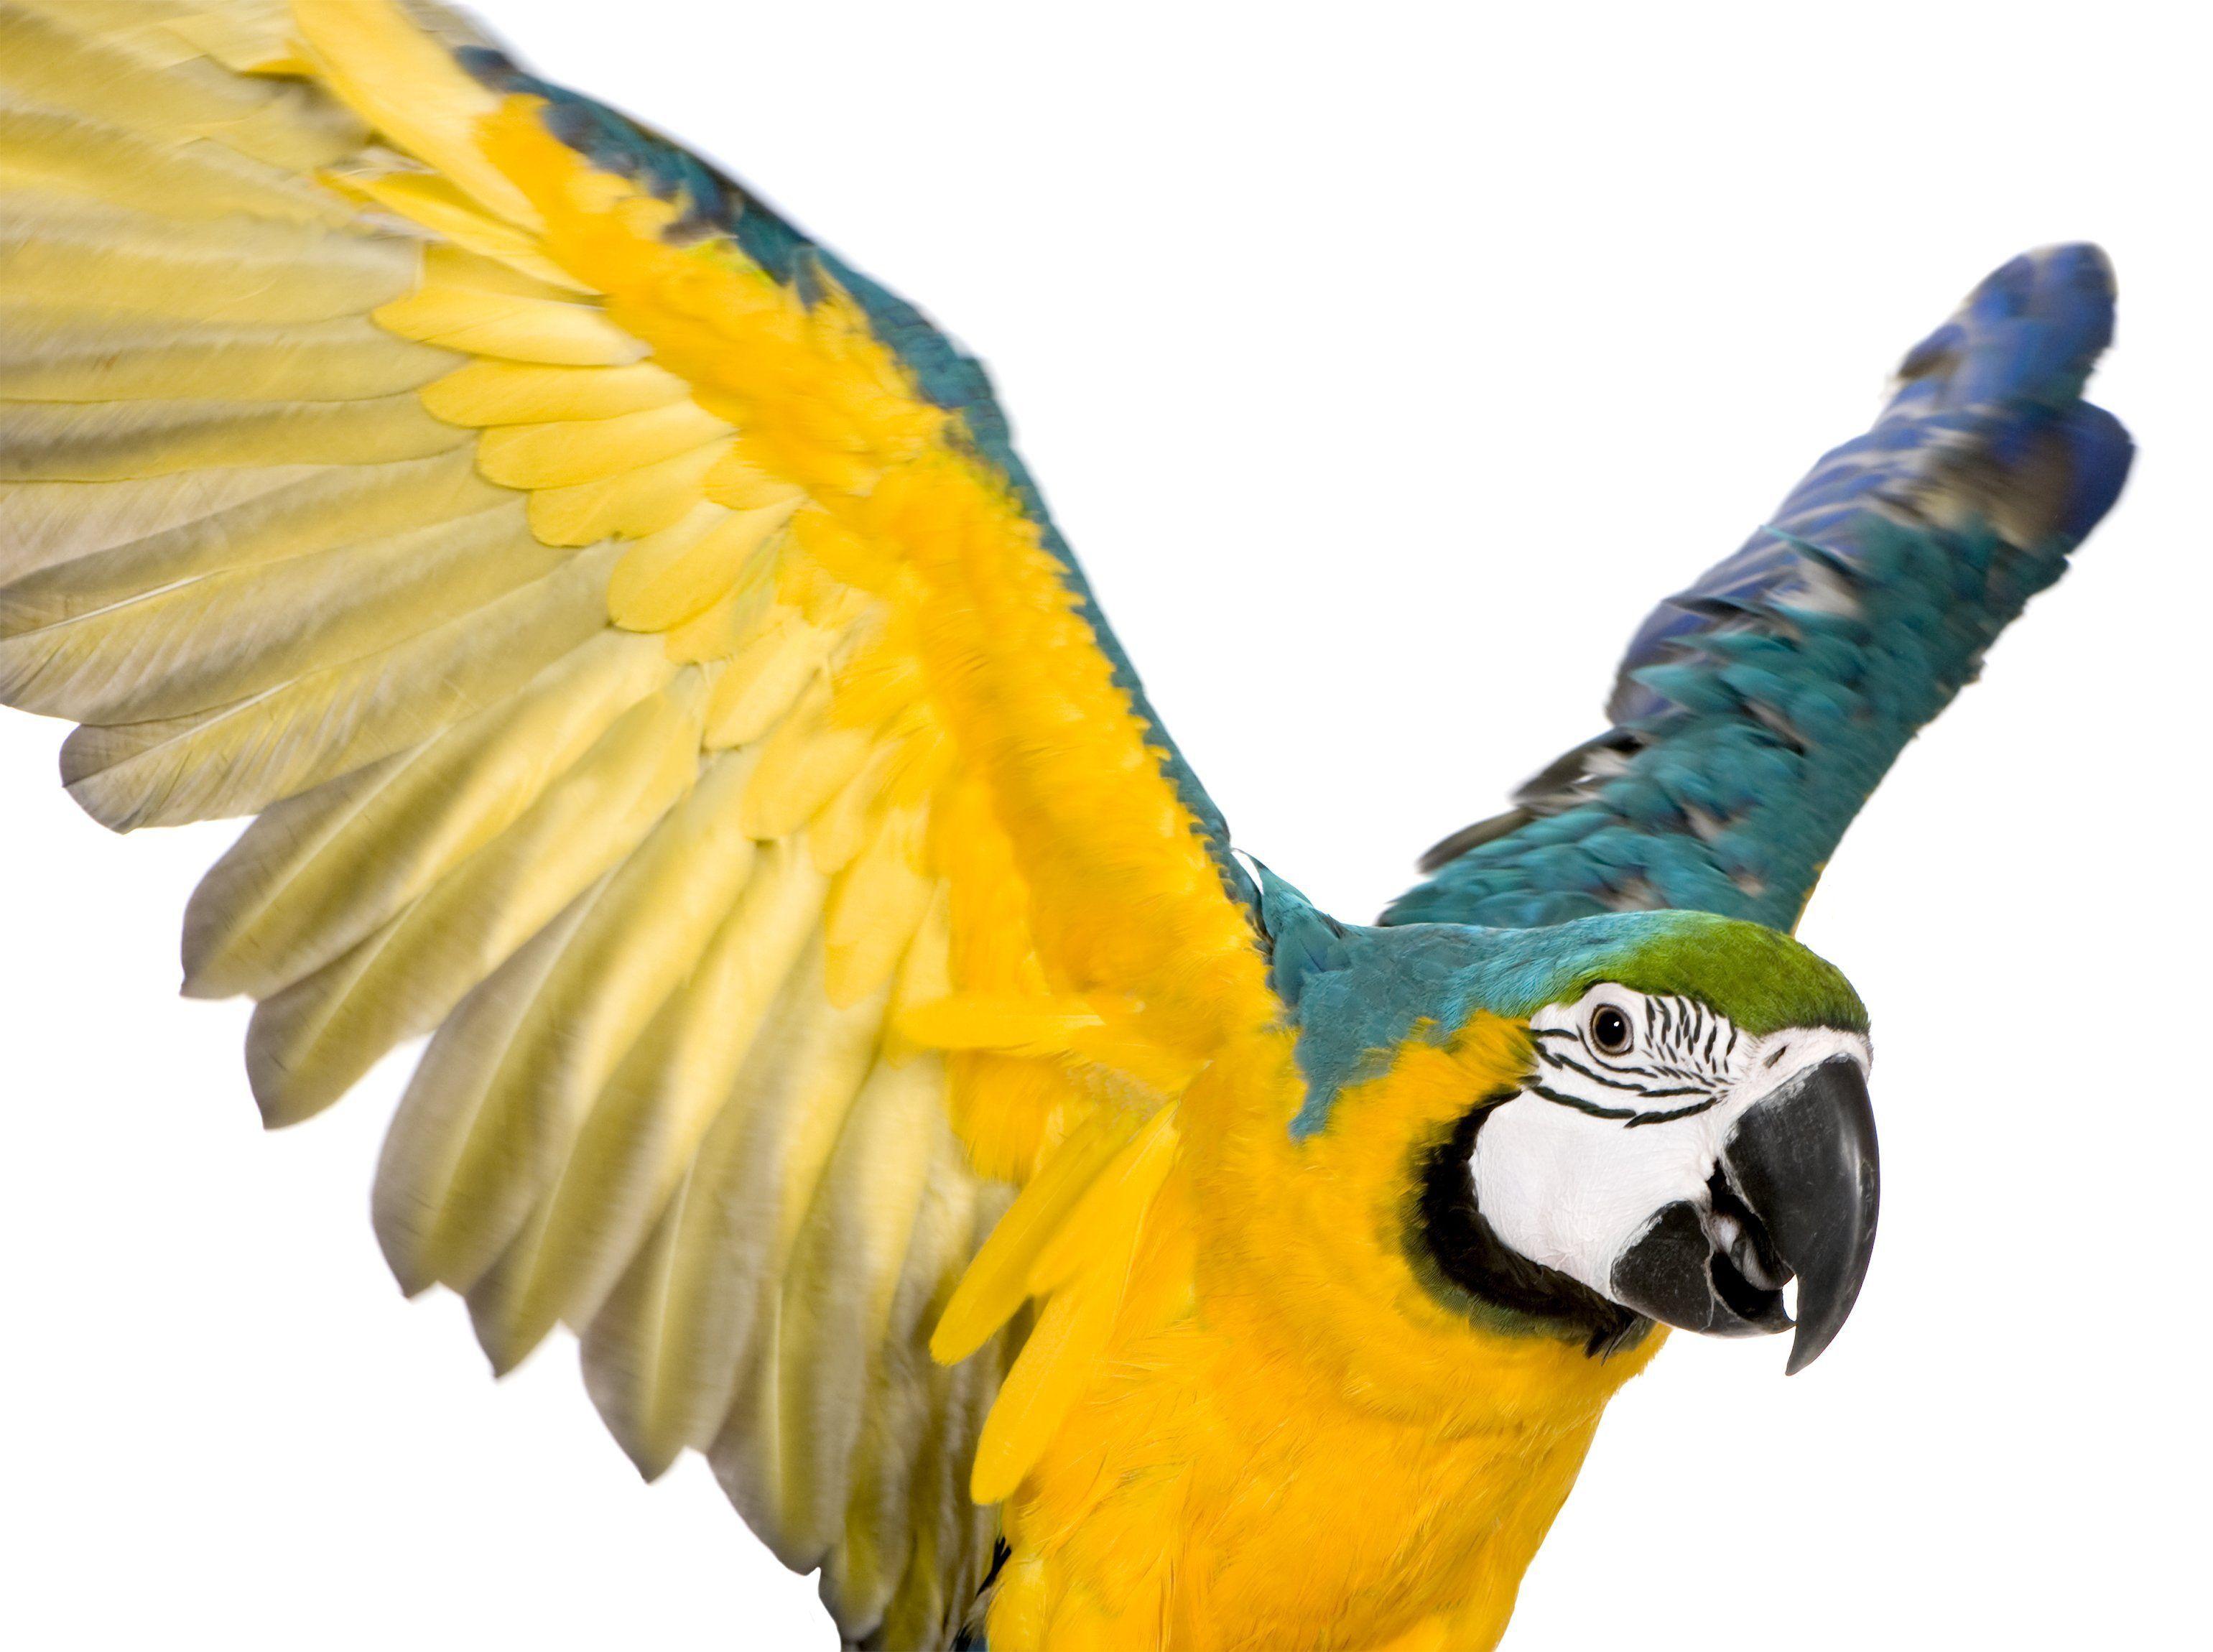 Bird Wing Clipping Information Parrot Bird Wings Avian Veterinarian